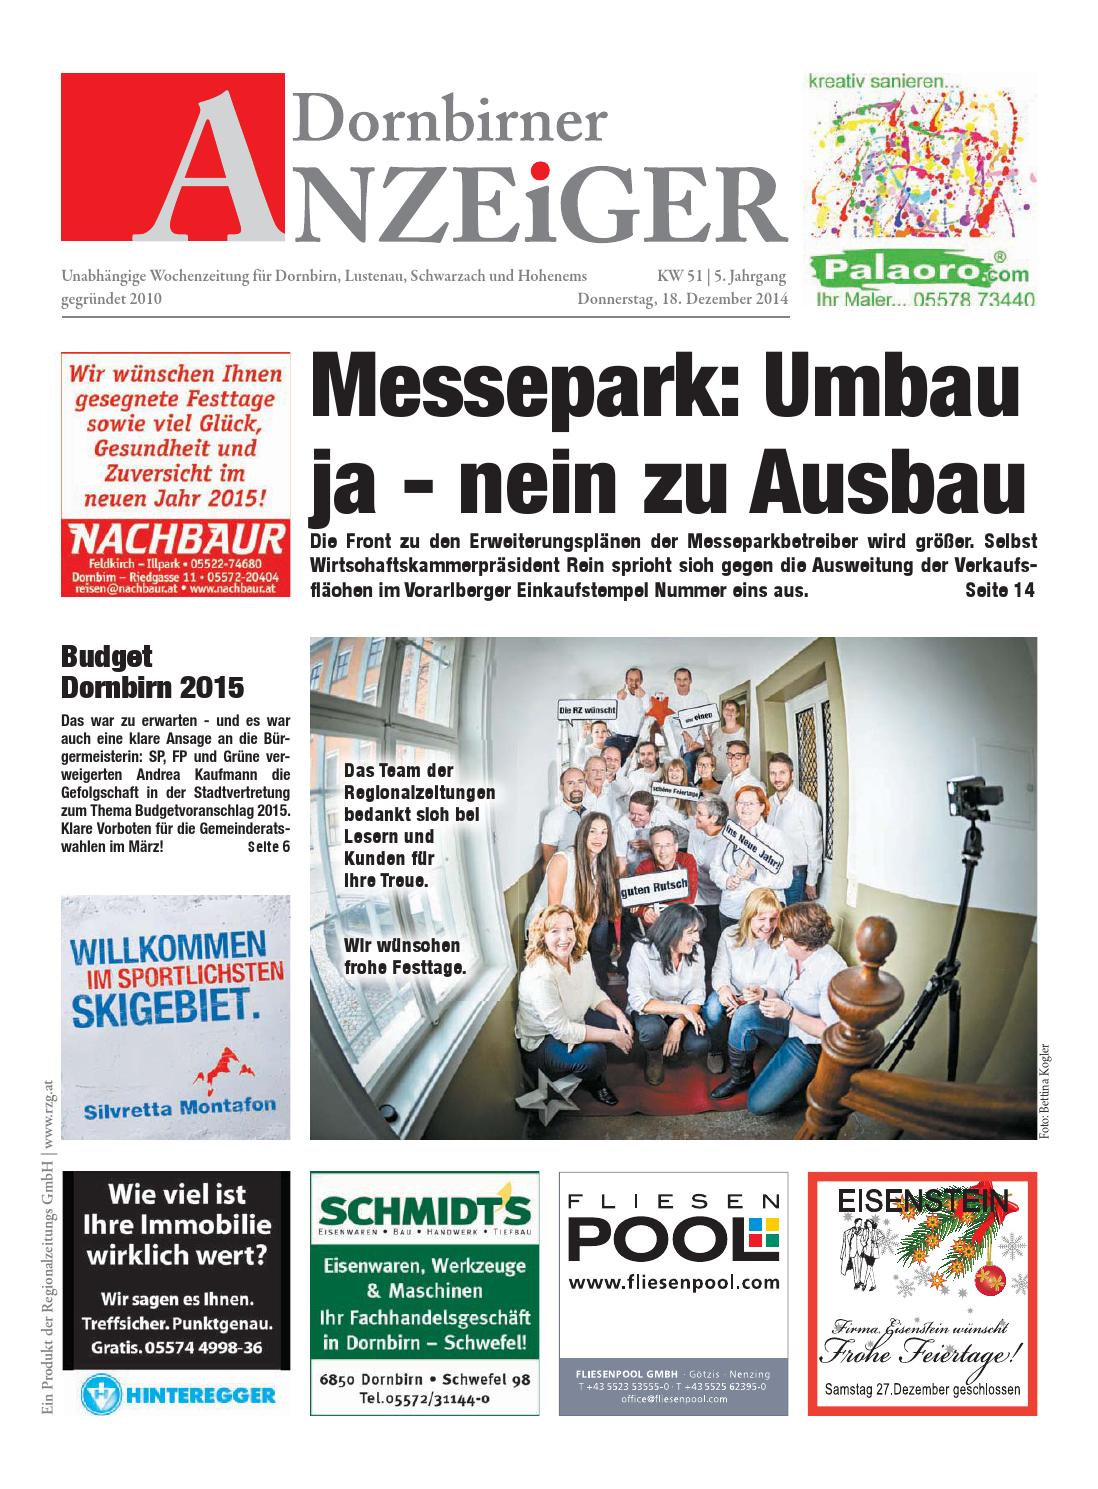 Dornbirner Anzeiger 51 By Regionalzeitungs Gmbh - Issuu